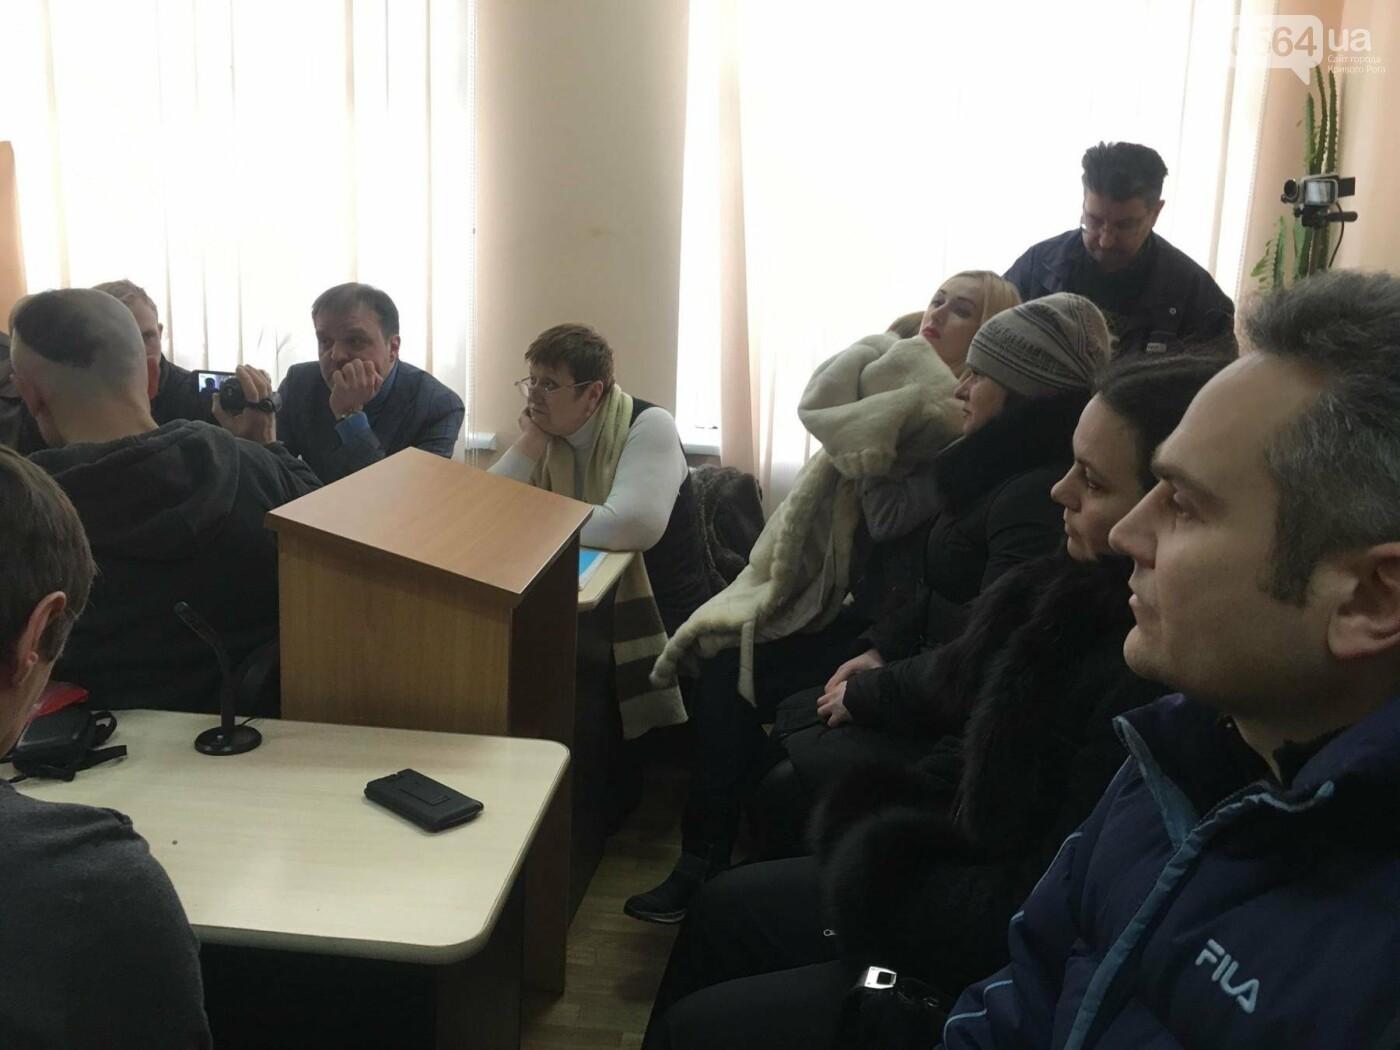 В Кривом Роге продолжается суд над приемными родителями сожженной Амины Менго (ФОТО), фото-4